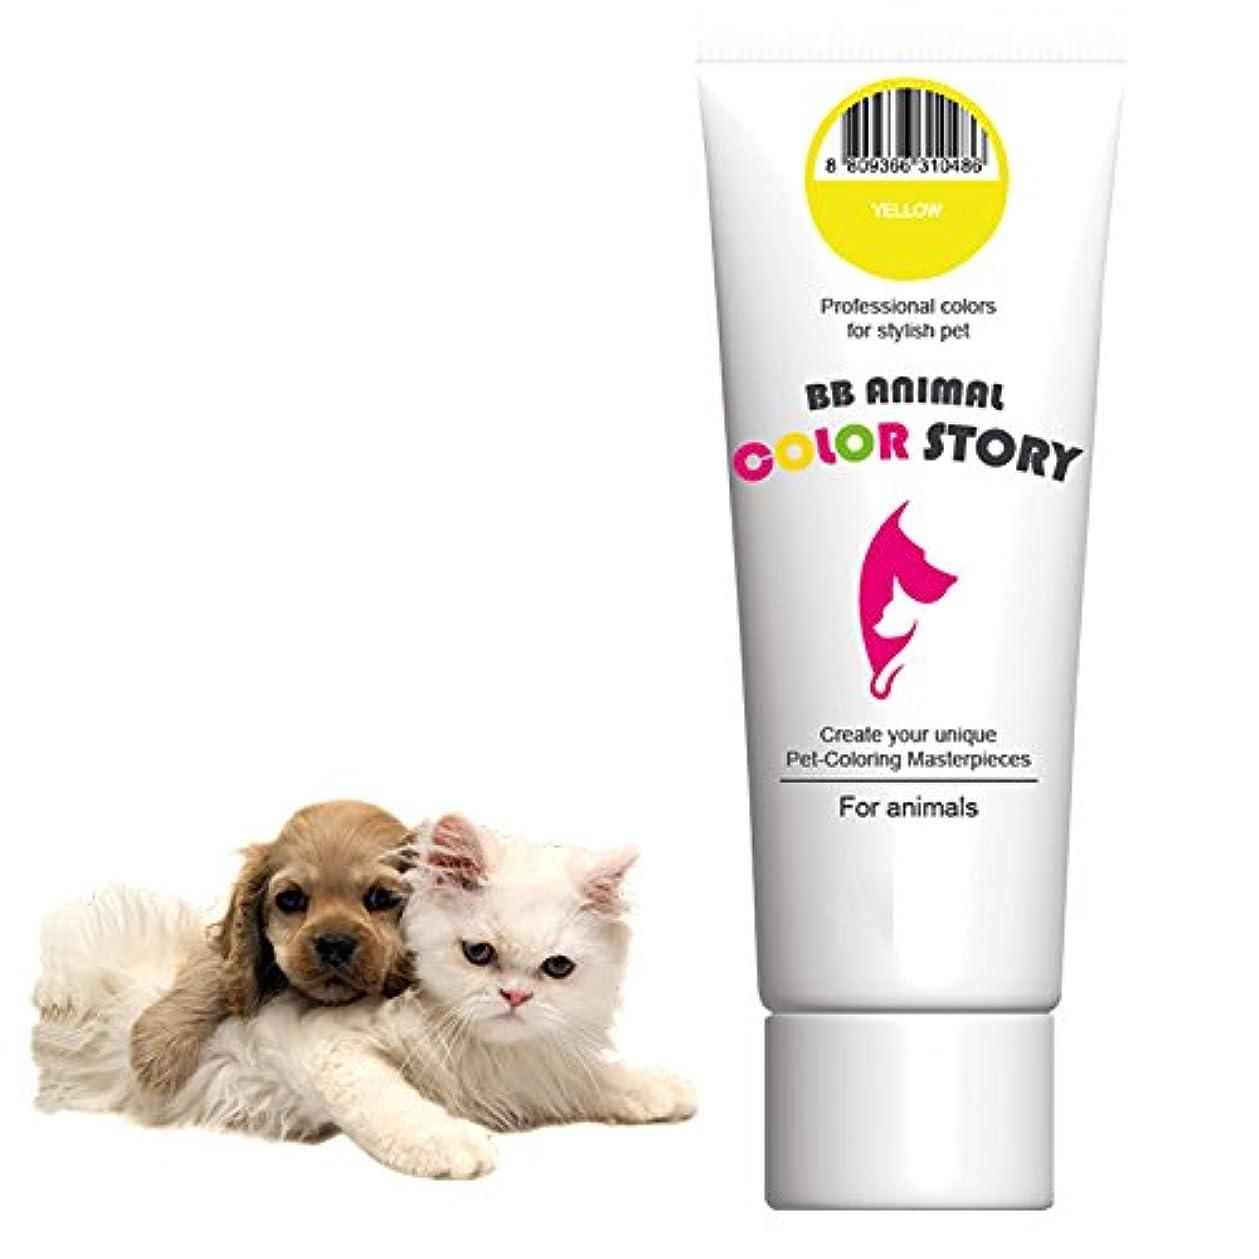 割り当てる高める除外する毛染め, 犬ヘアダイ Yellow カラーリング Dog Hair Hair Bleach Dye Hair Coloring Professional Colors for Stylish Pet 50ml 並行輸入